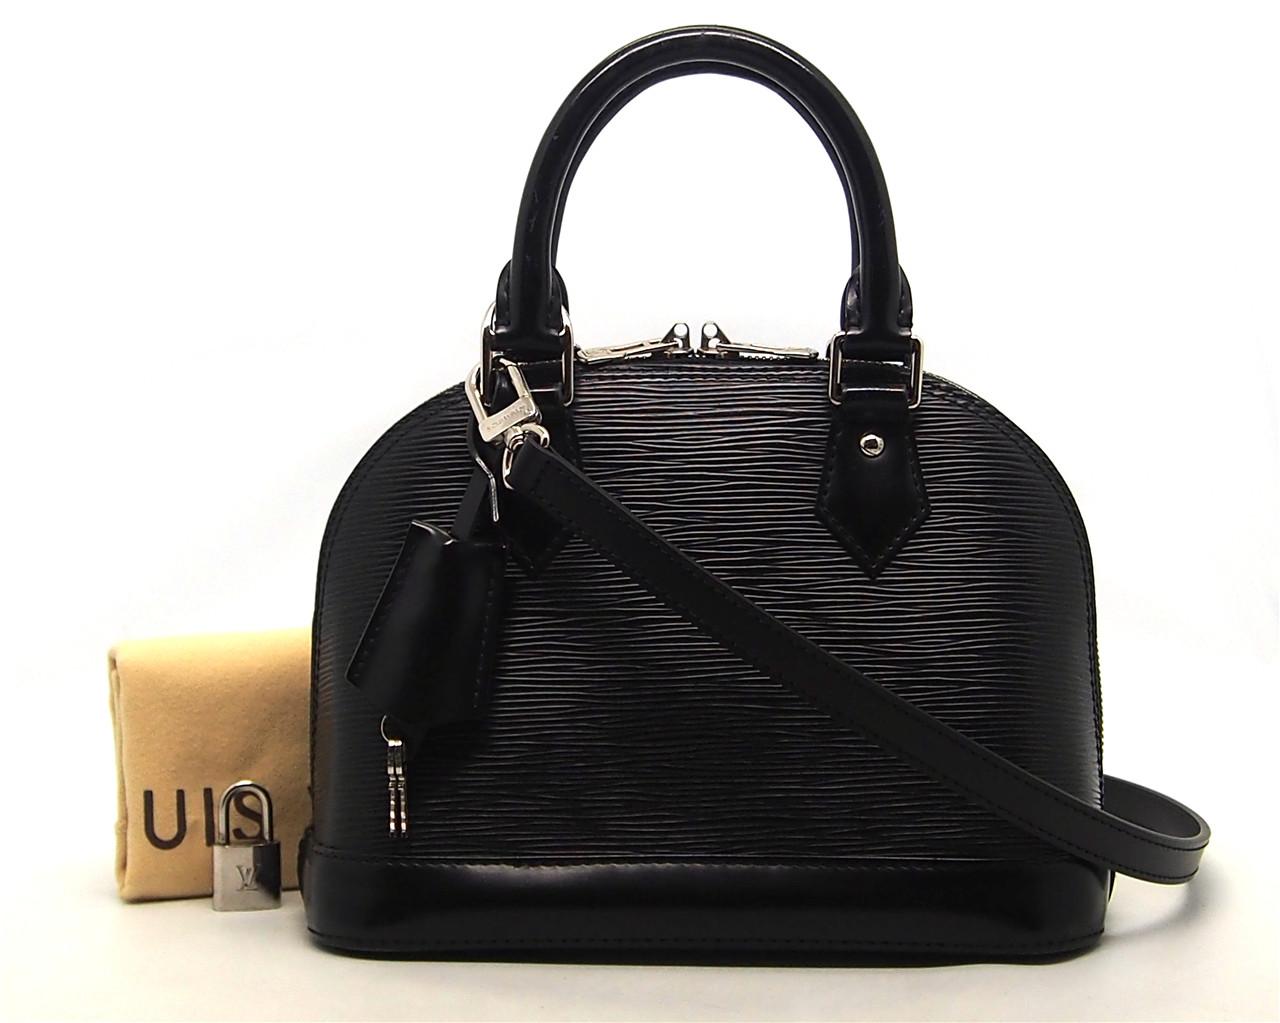 bd4d99aac888 Authentic Louis Vuitton Black Epi Leather Alma Bb M40862 Shoulder